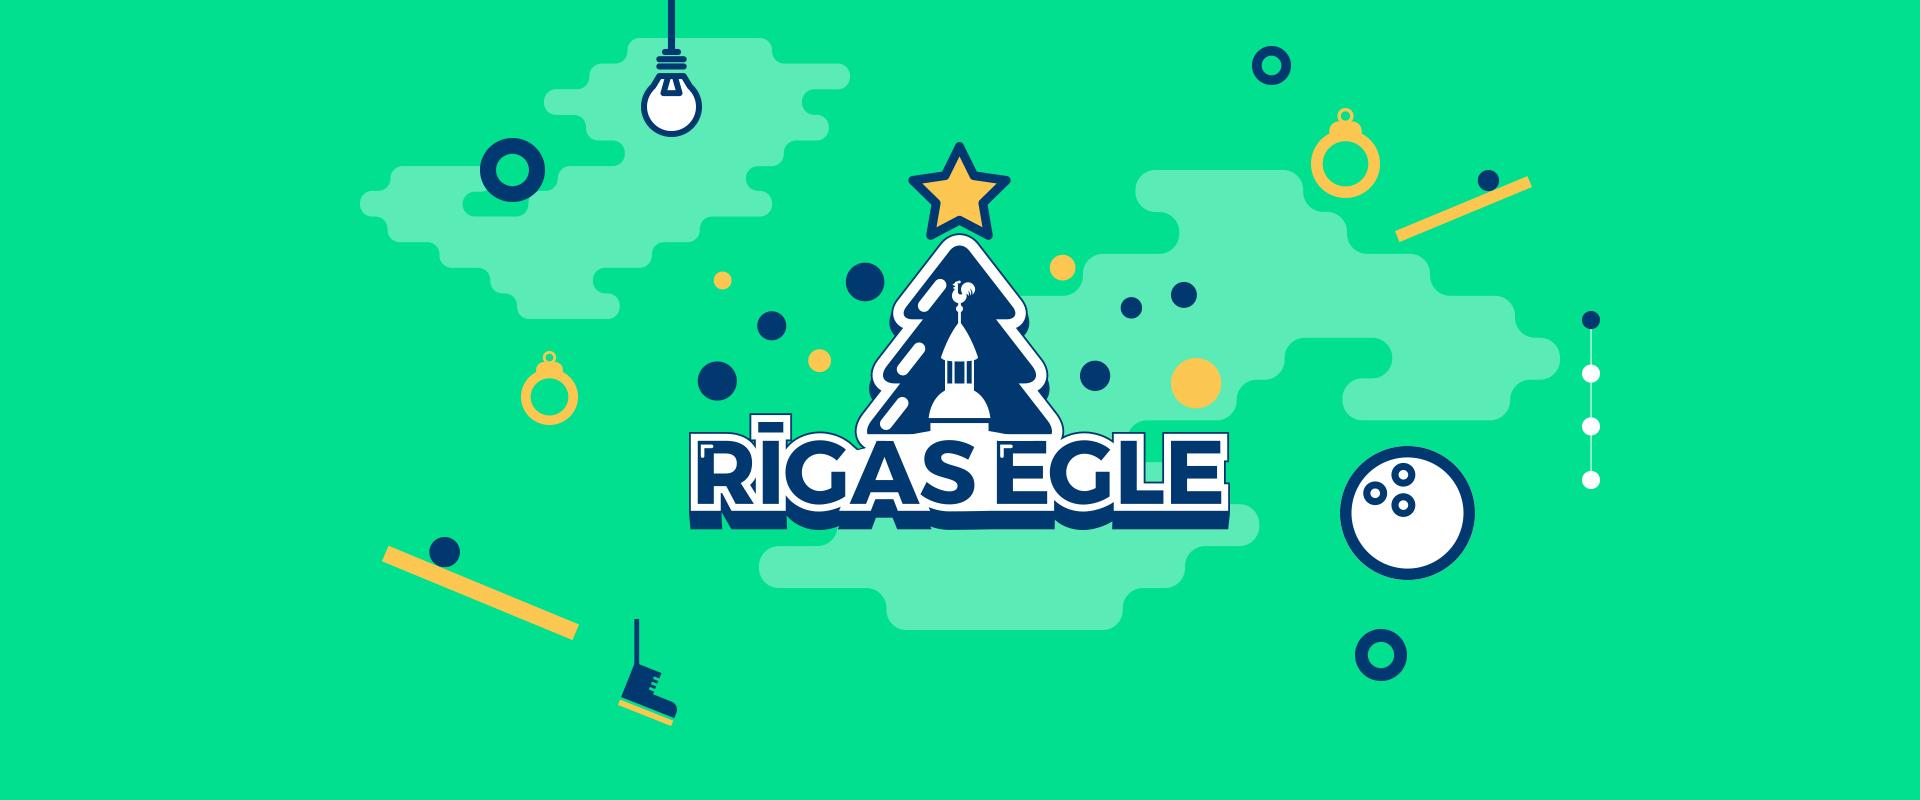 rigas_egle_logo